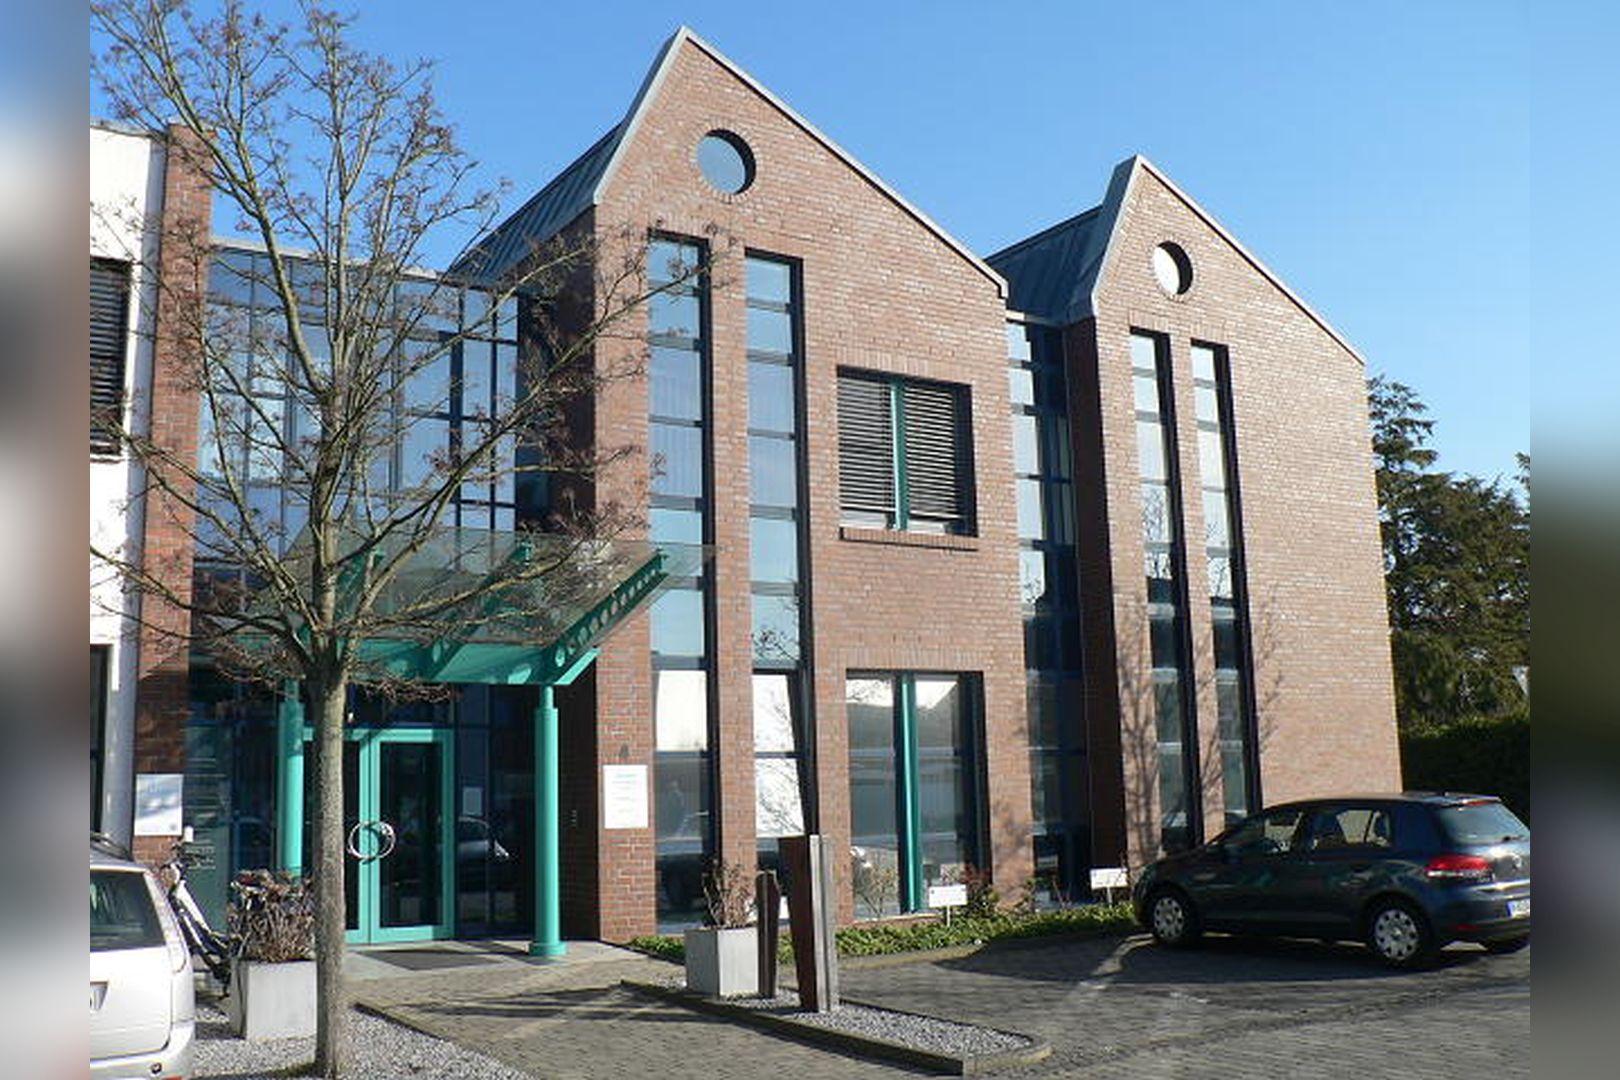 Immobilie Nr.0200 - Gut vermietete Büro- und Praxisflächen mit Tiefgarage und Außenstellplätzen - Bild 12.jpg